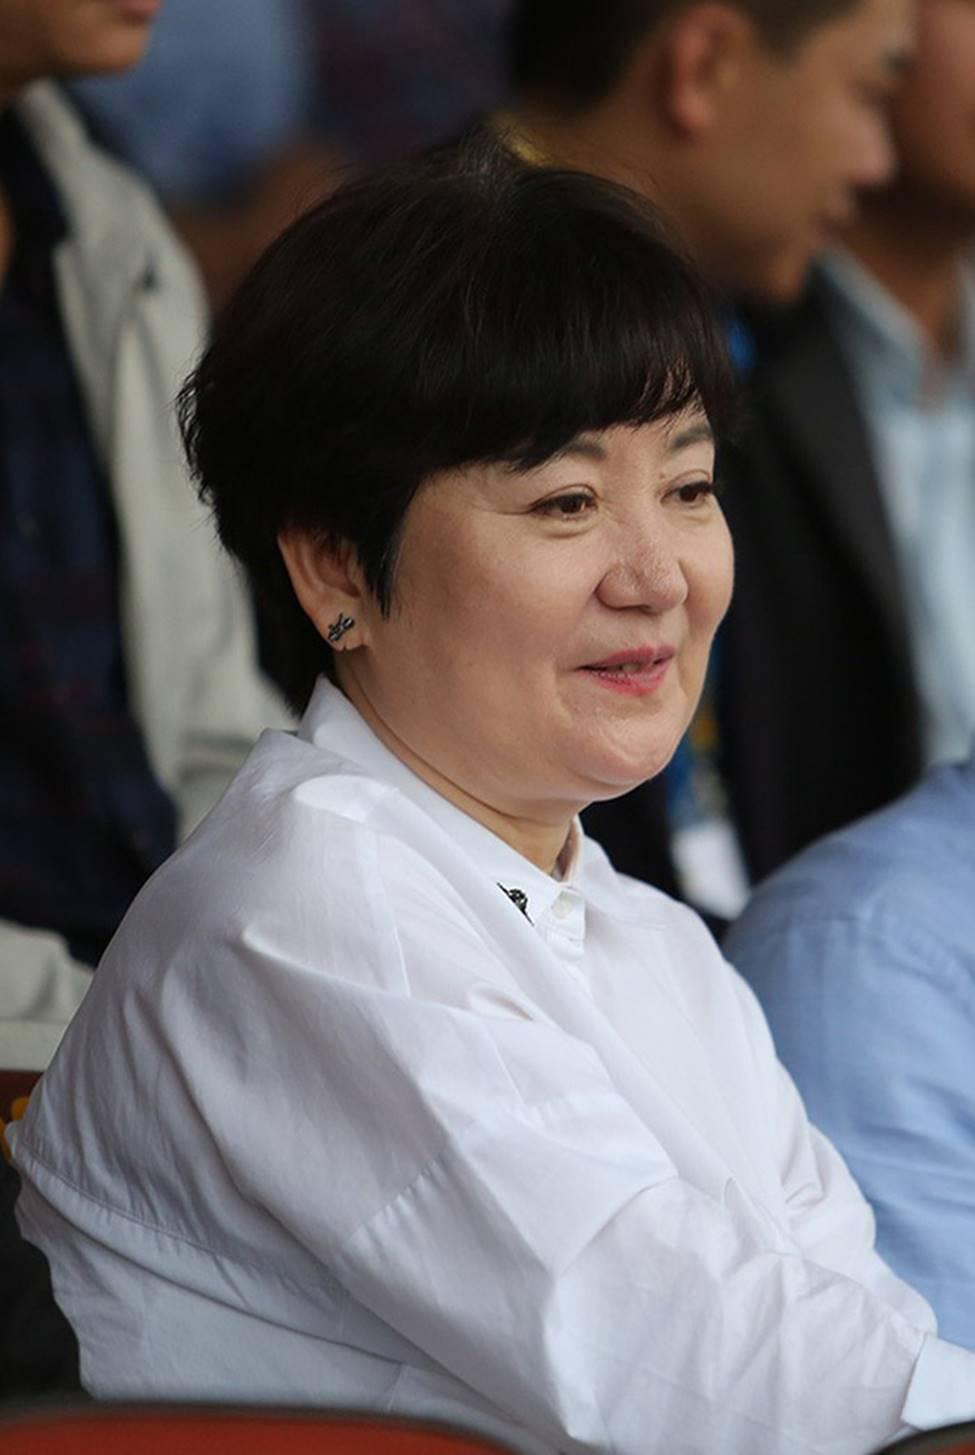 Nhan sắc các bạn gái cầu thủ đã là gì, ngỡ ngàng nhất là người phụ nữ U60 bên cạnh thầy Park suốt 32 năm-1